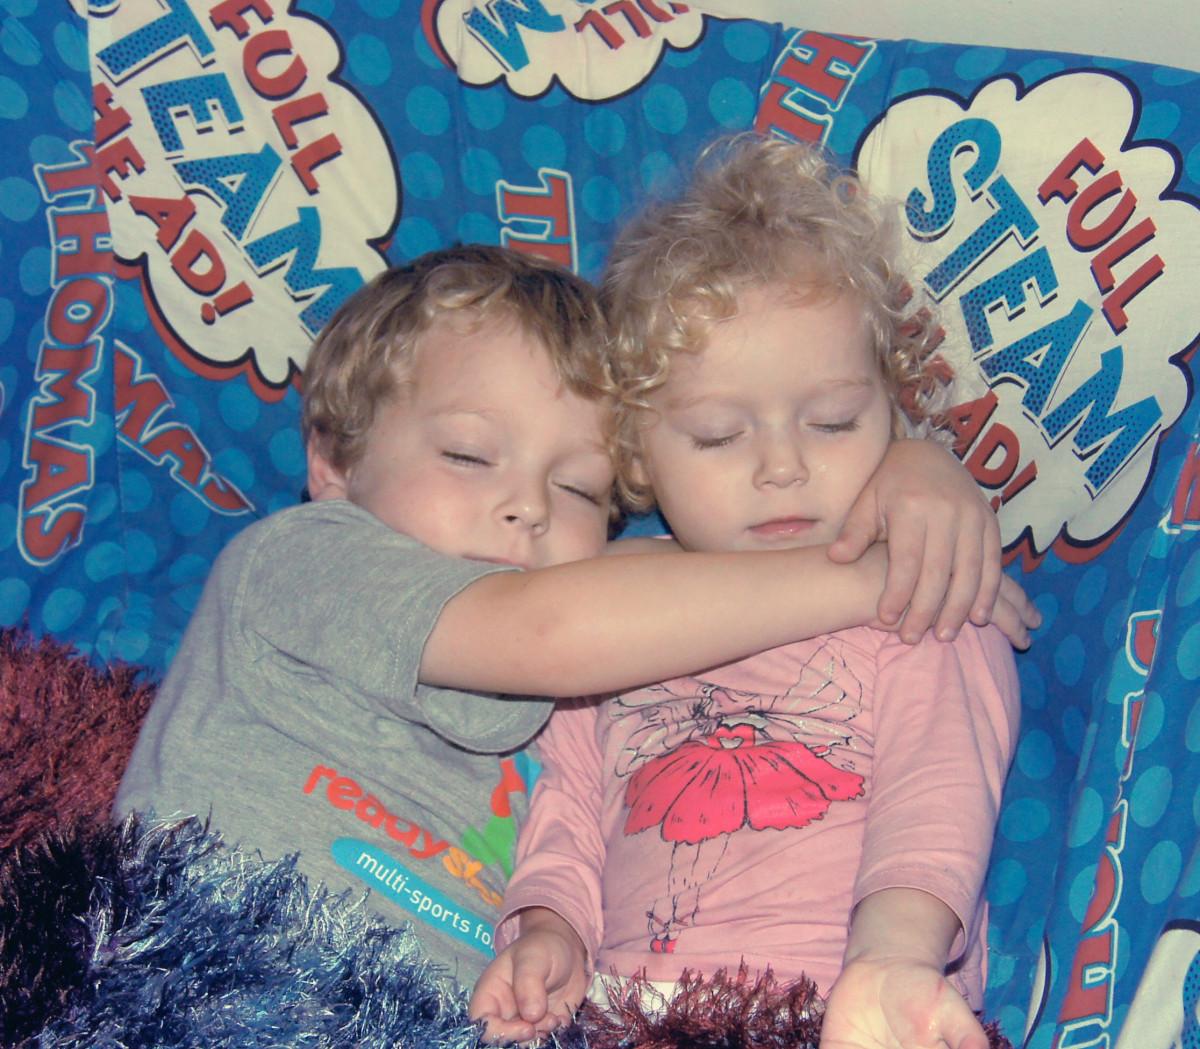 Jumeaux Fille Garçon : Images gratuites gens fille jouer garçon maison